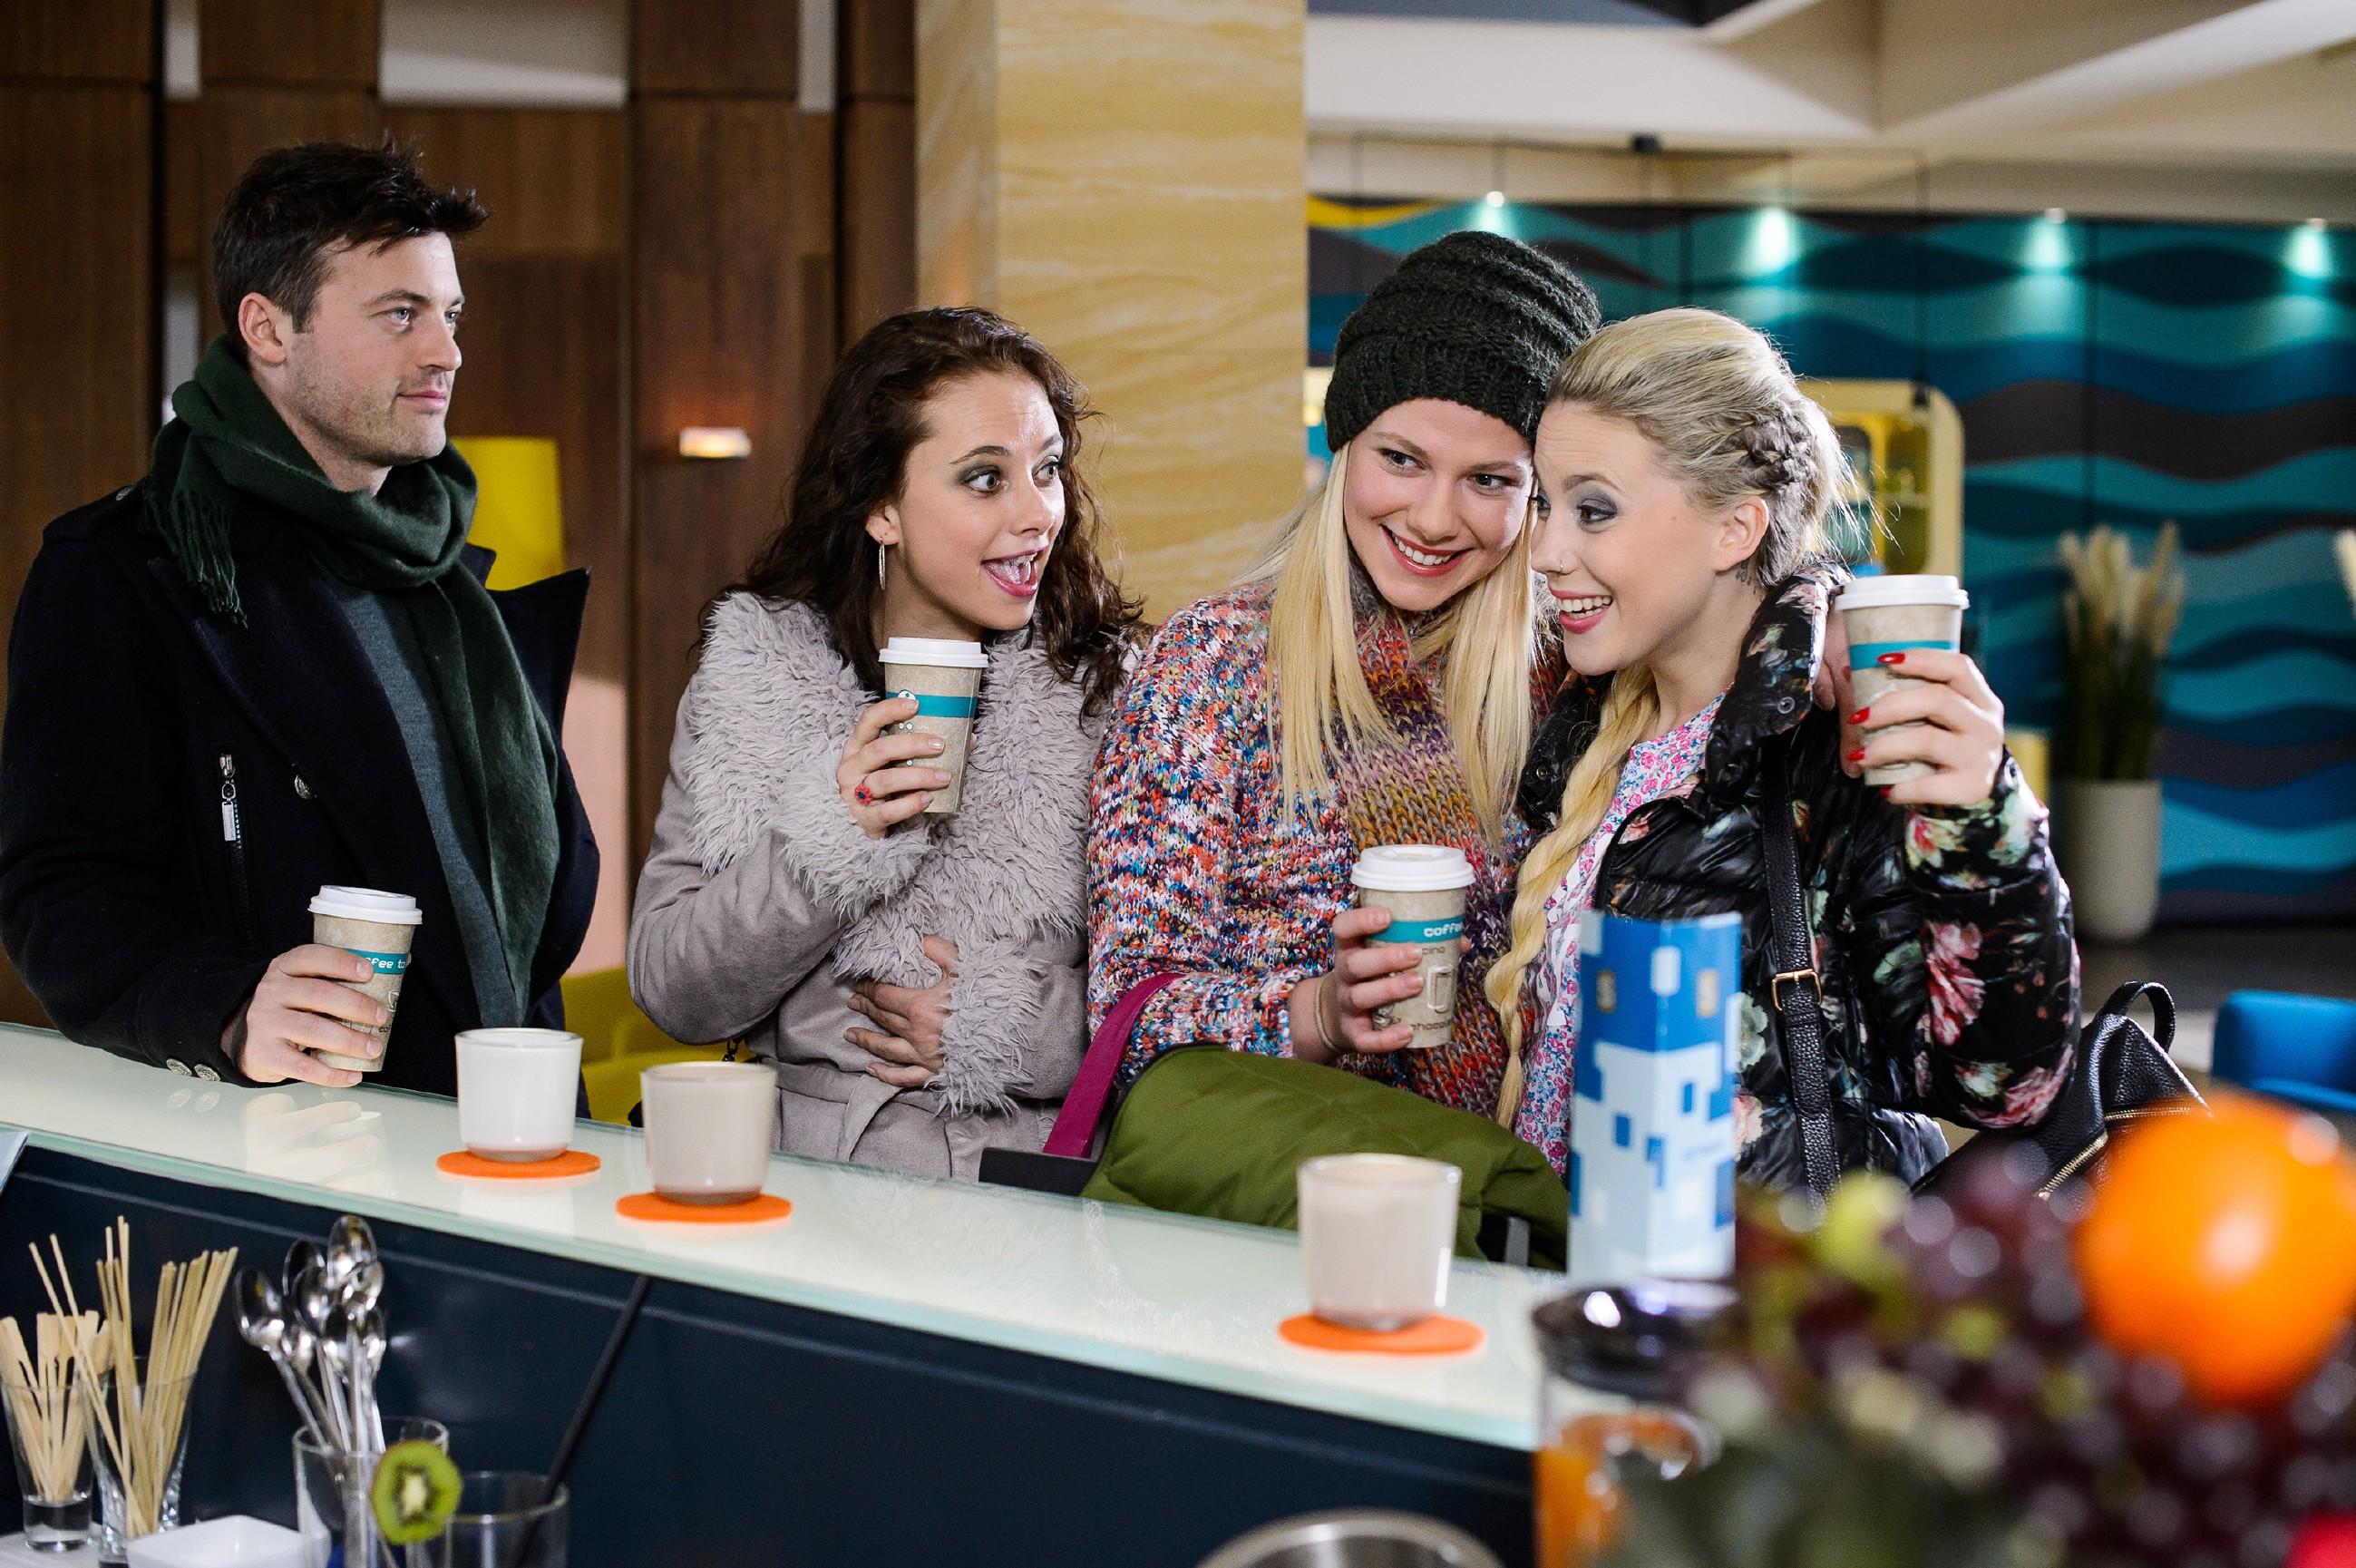 Iva (Christina Klein, r.) feiert mit Ben (Jörg Rohde), Carmen (Heike Warmuth 2.v.l.) und Marie (Cheyenne Pahde), dass ihre Tour in Korea noch größer wird als gedacht. (Quelle: RTL / Willi Weber)